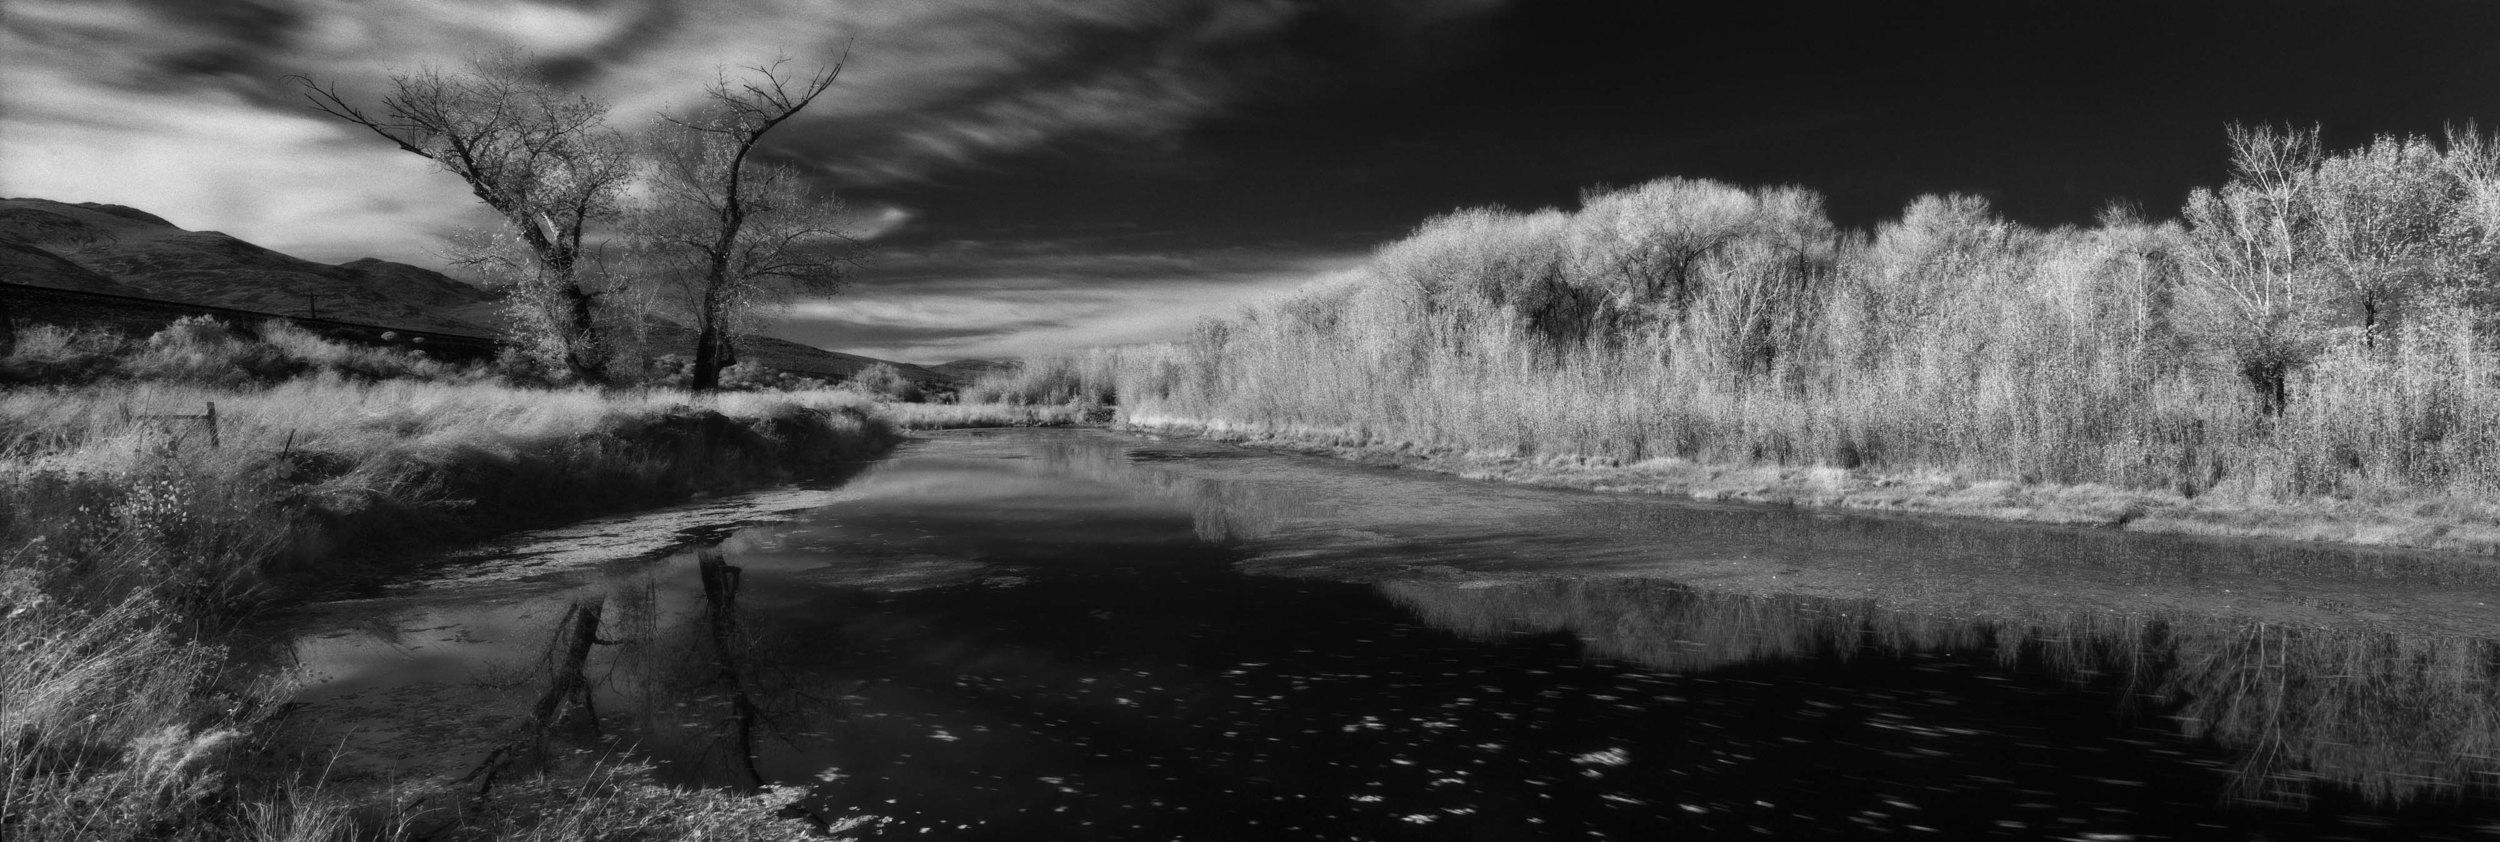 Truckee River, NV